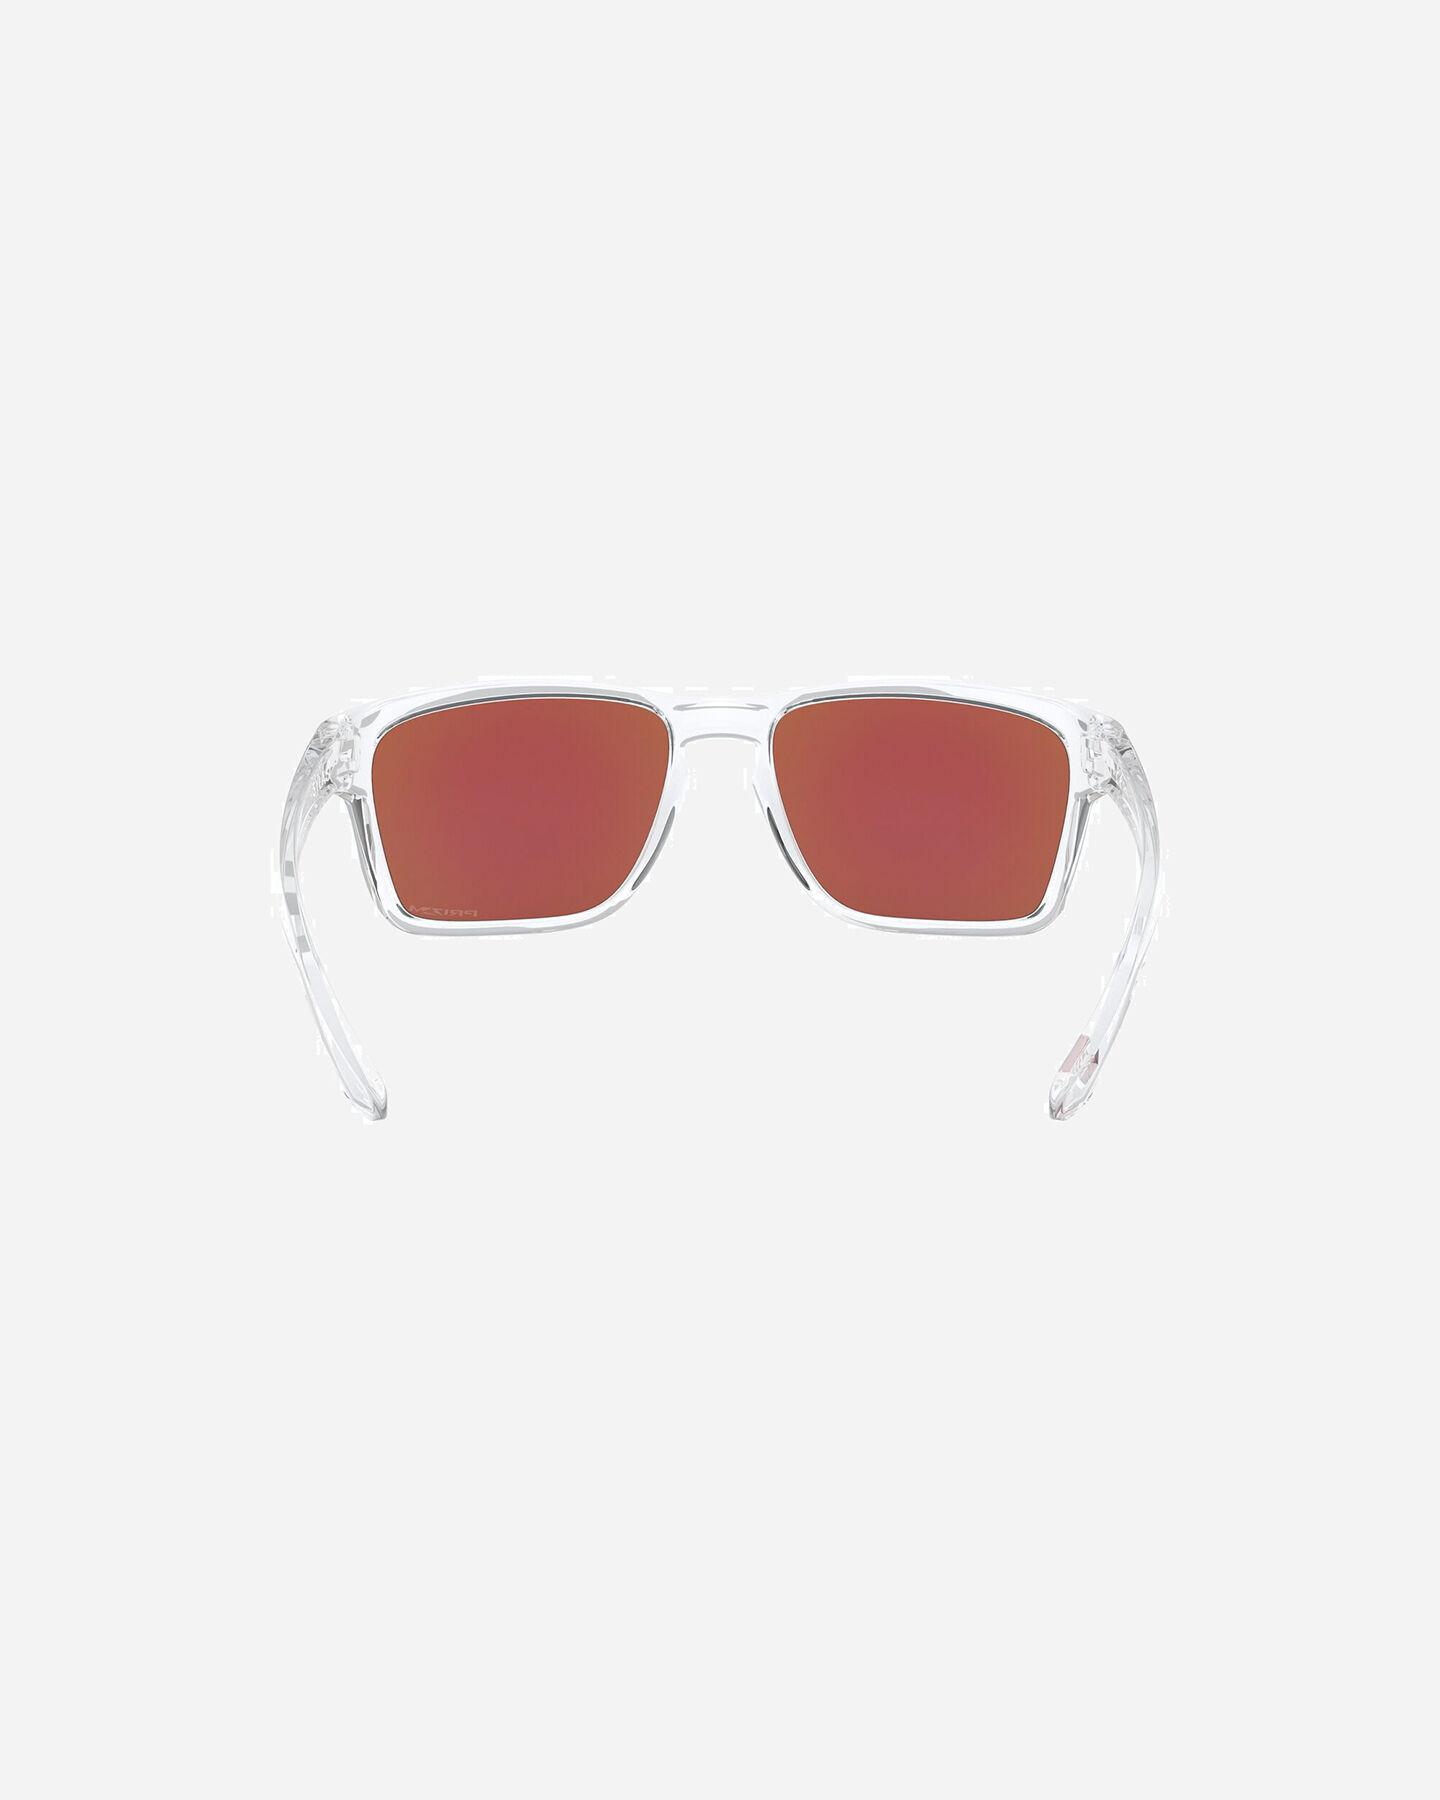 Occhiali OAKLEY SYLAS S5221236|0457|57 scatto 3